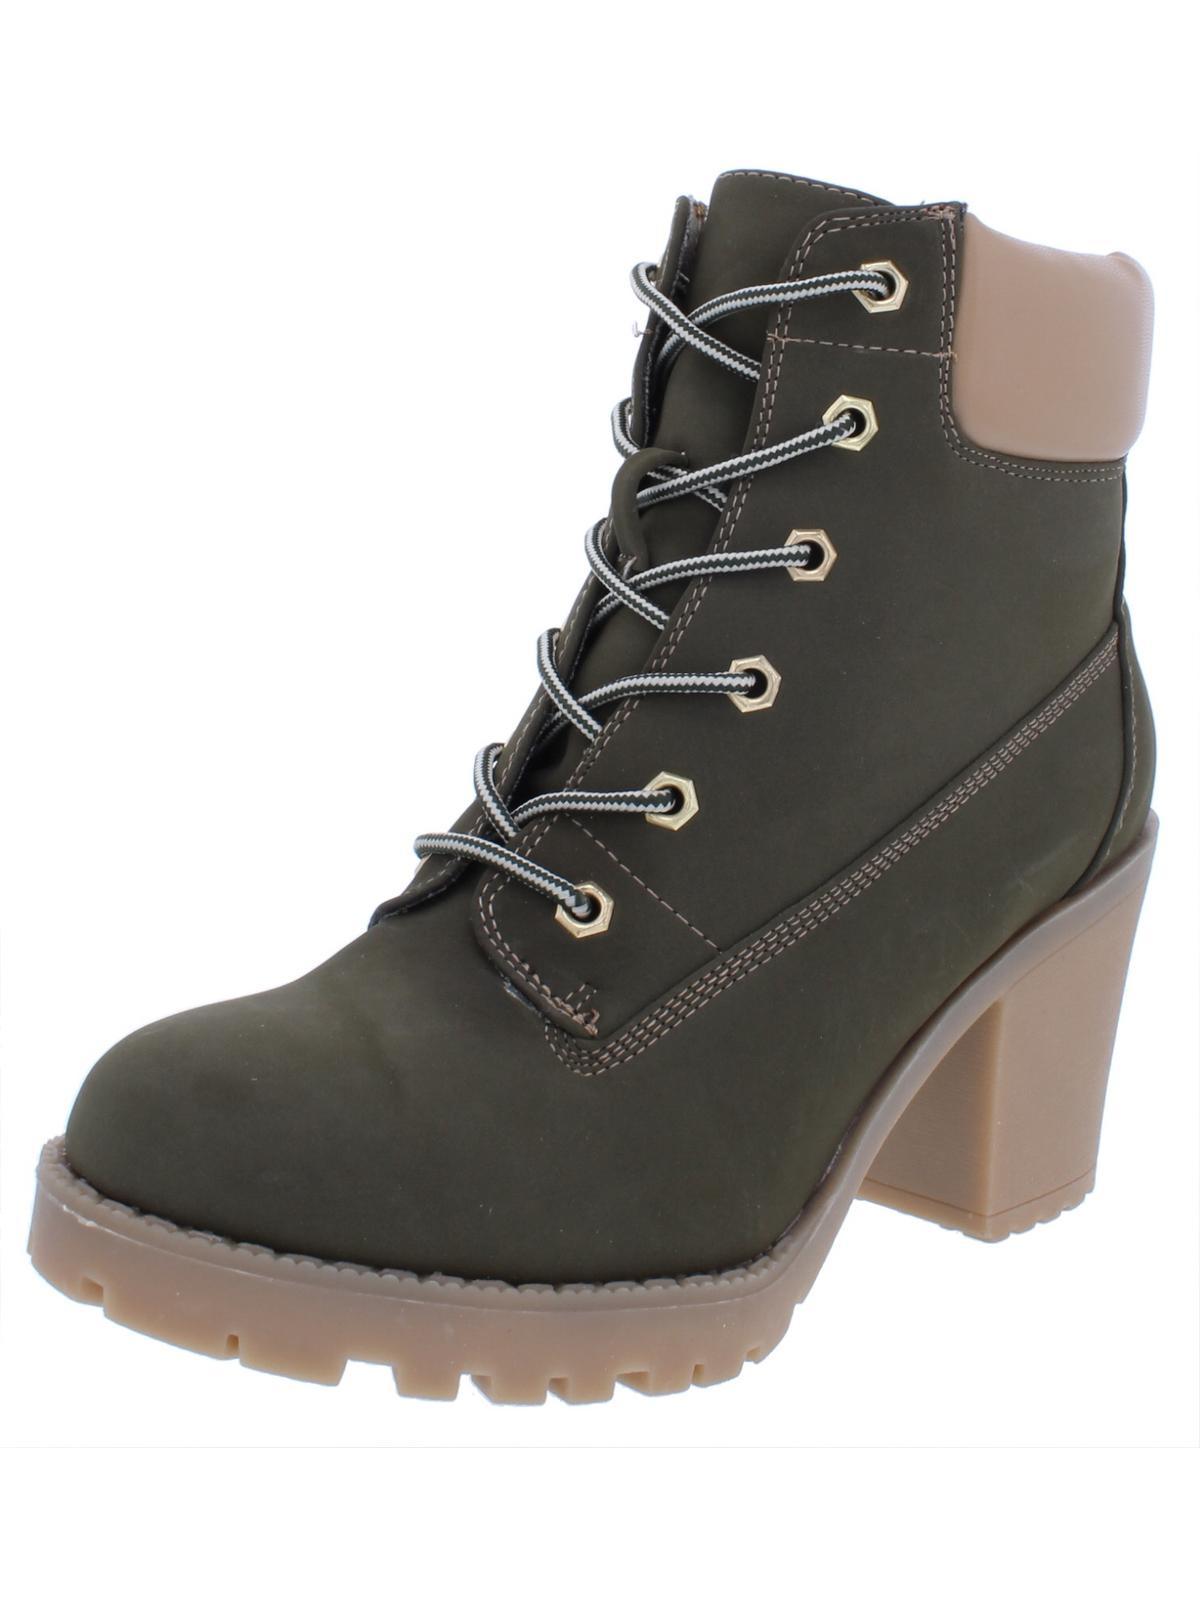 Zigi Soho Womens Kiana Heels Ankle Boots